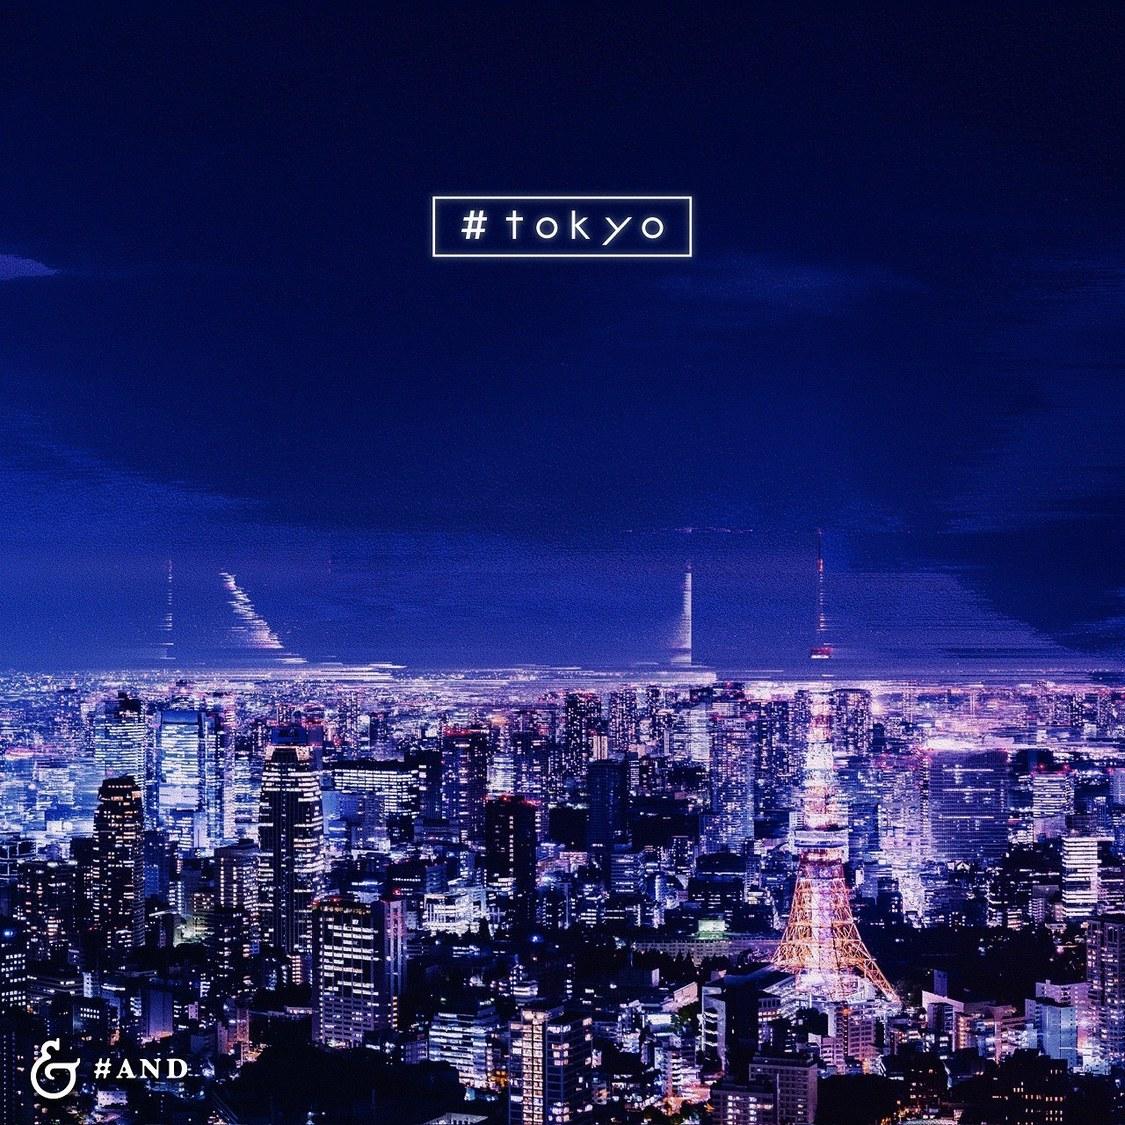 &デビューデジタルシングル「#tokyo」ジャケット